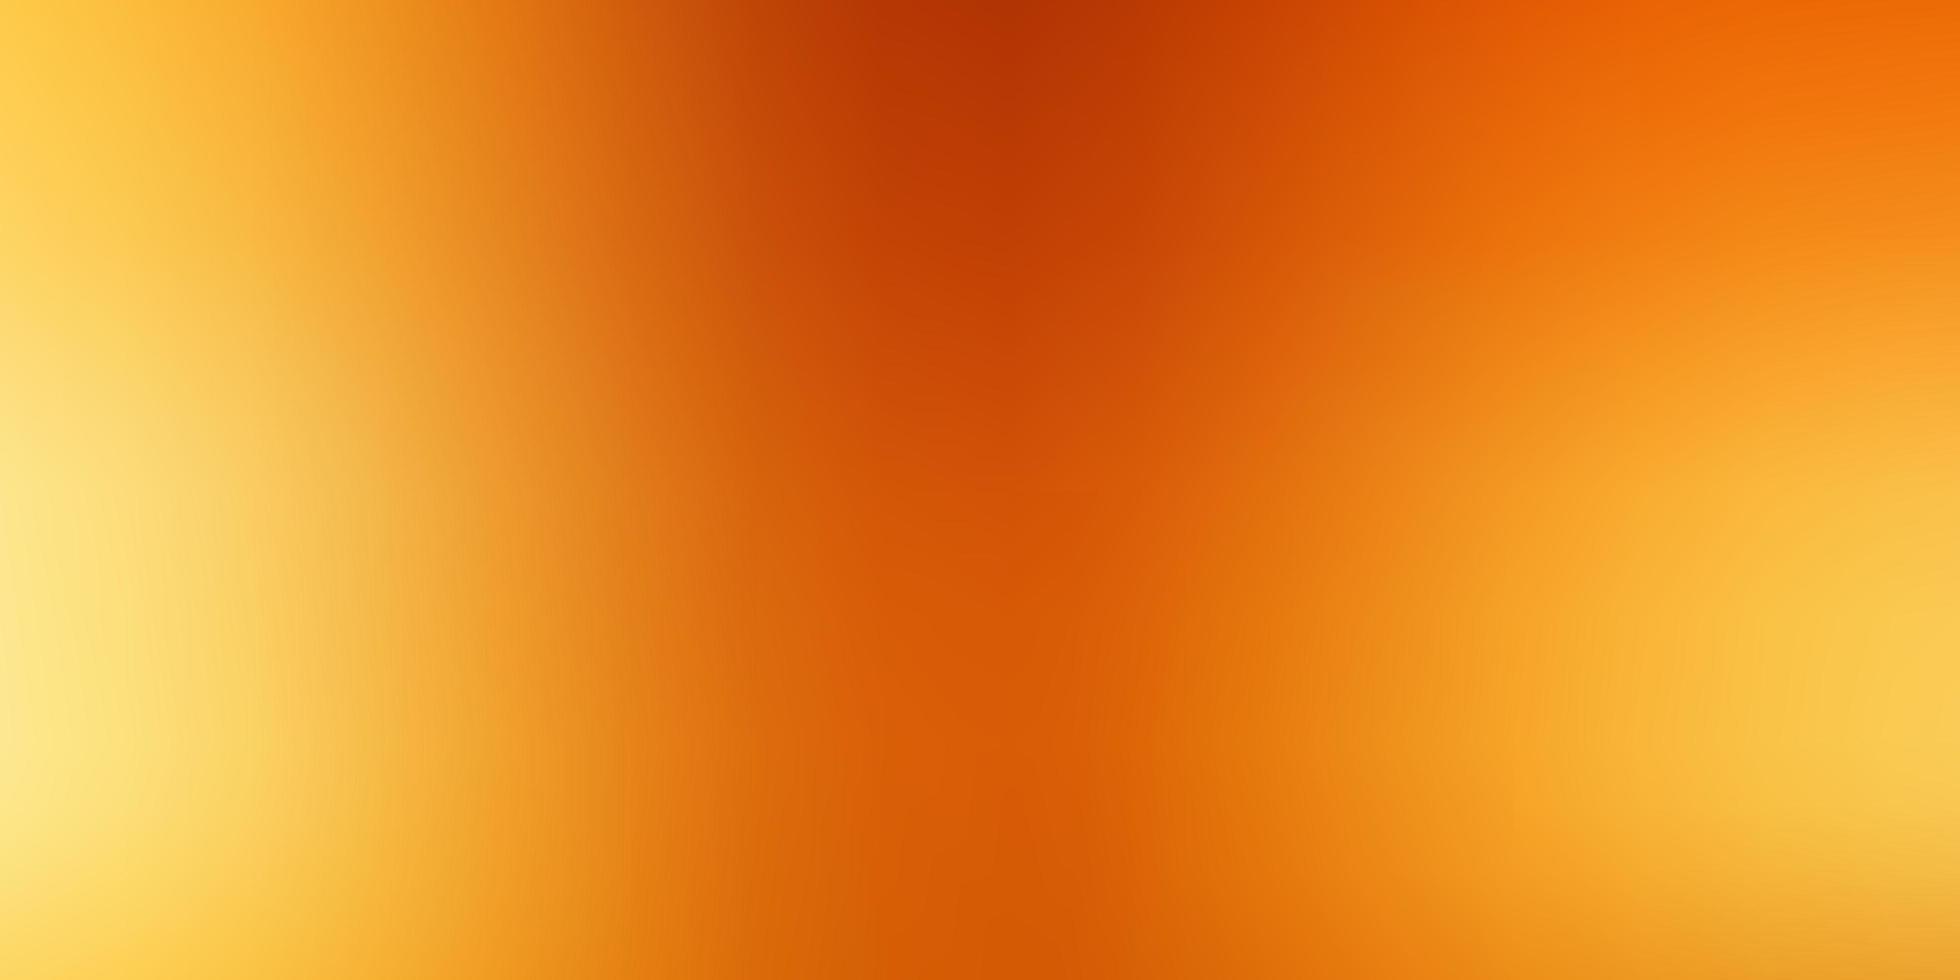 fundo desfocado do sumário do vetor laranja claro.